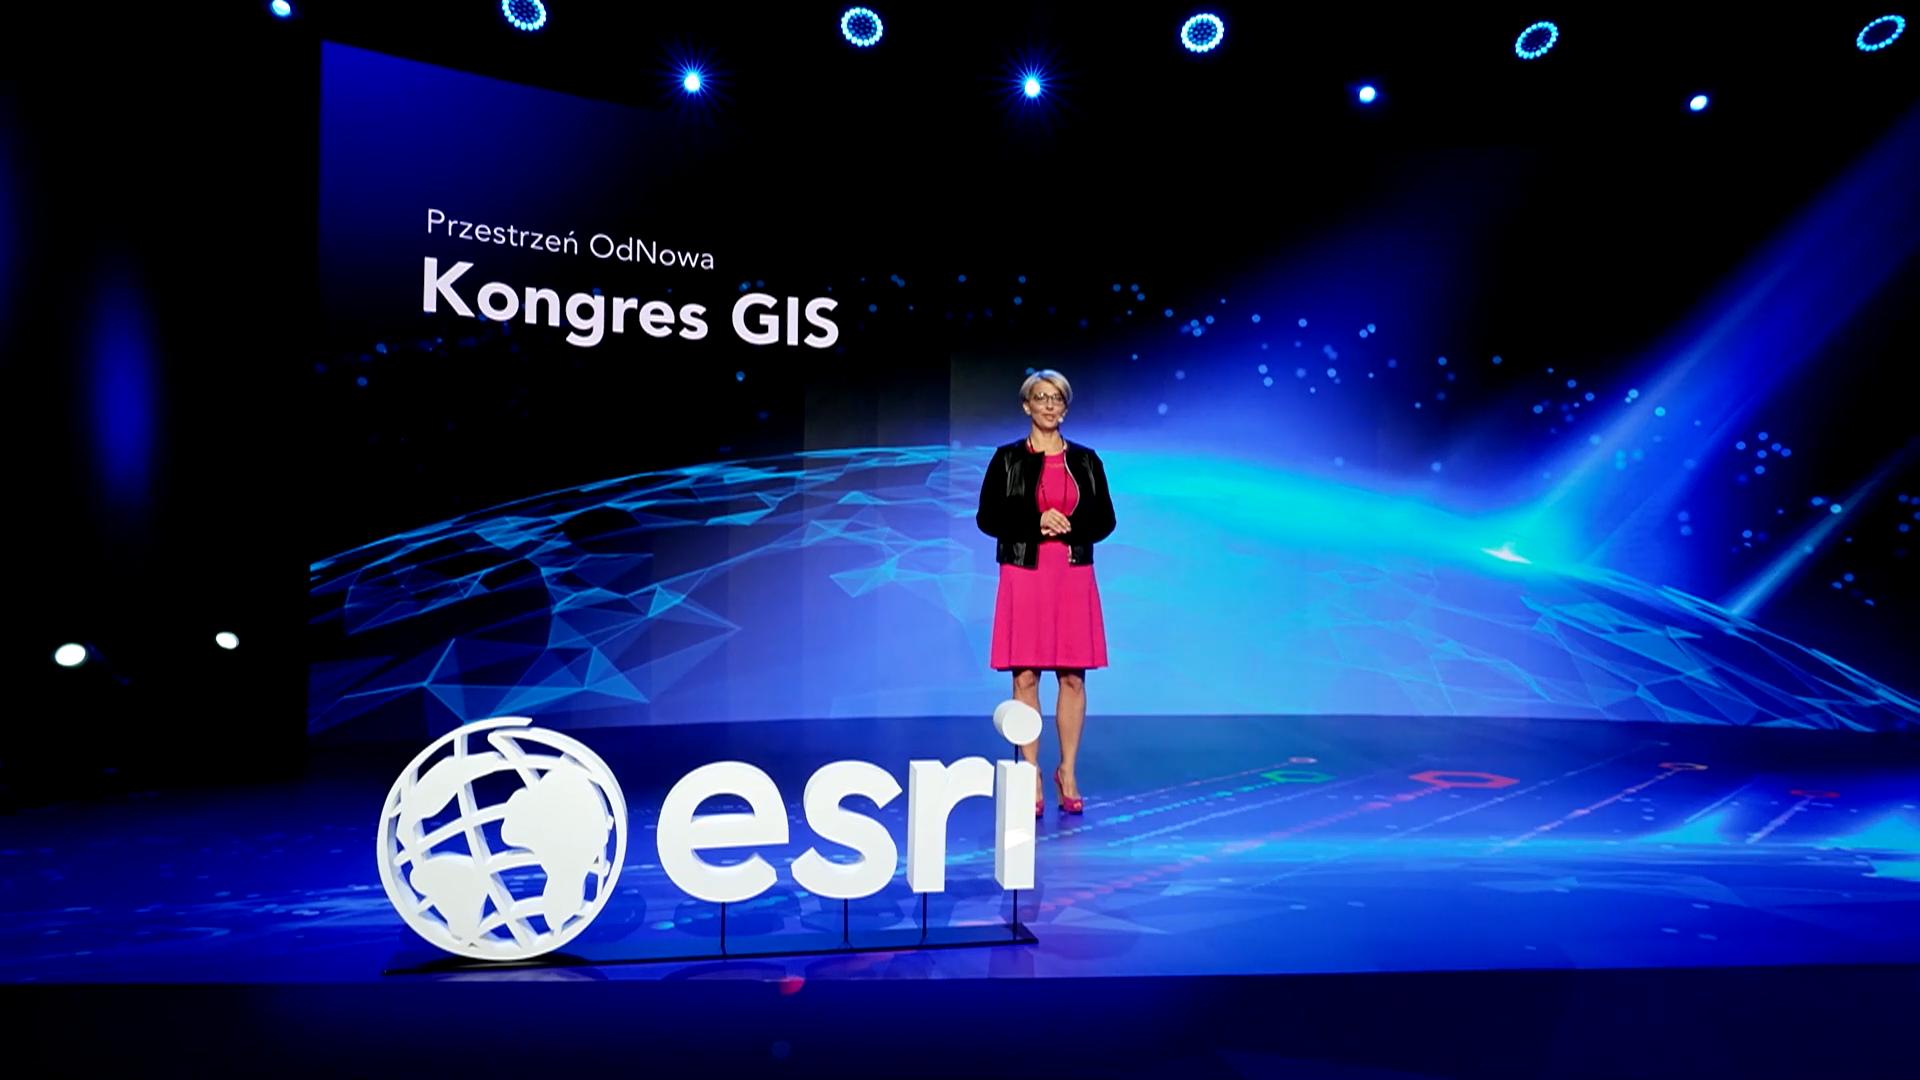 Otwarcie Kongresu GIS – Przestrzeń OdNowa